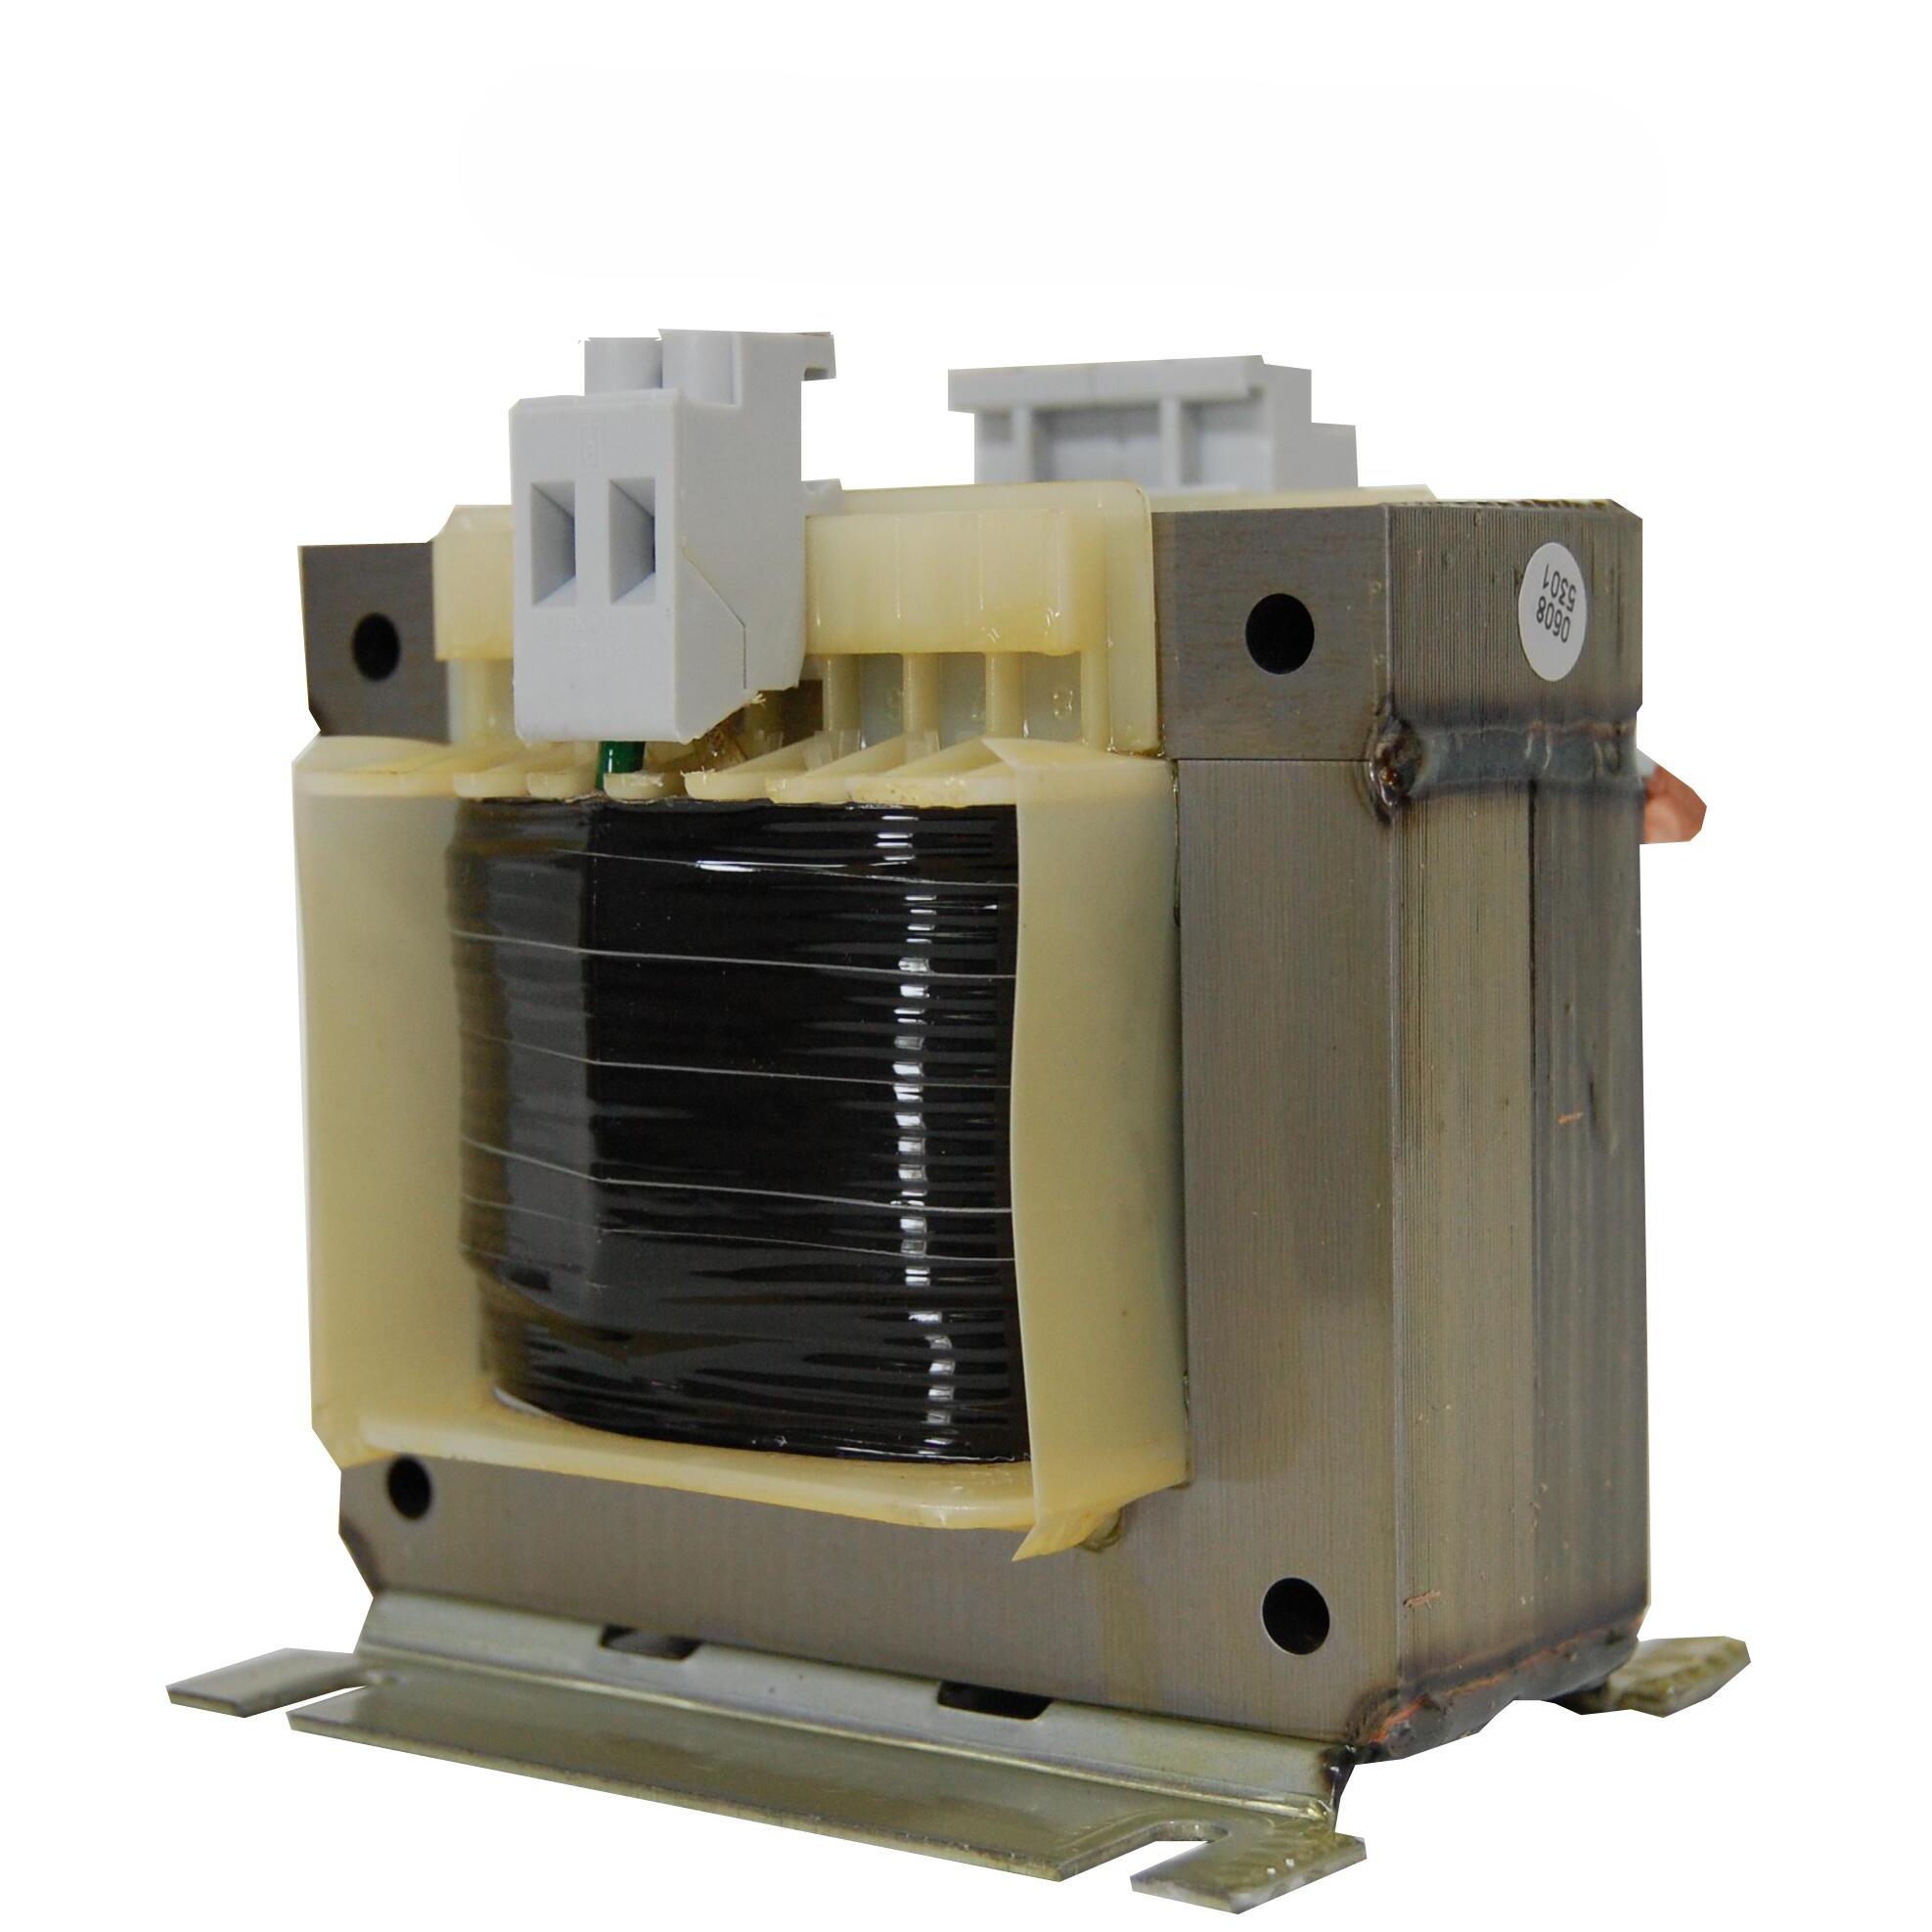 1 Stk Einphasen Steuertransformator 230/230V, 2000VA, IP00 LP605200T-